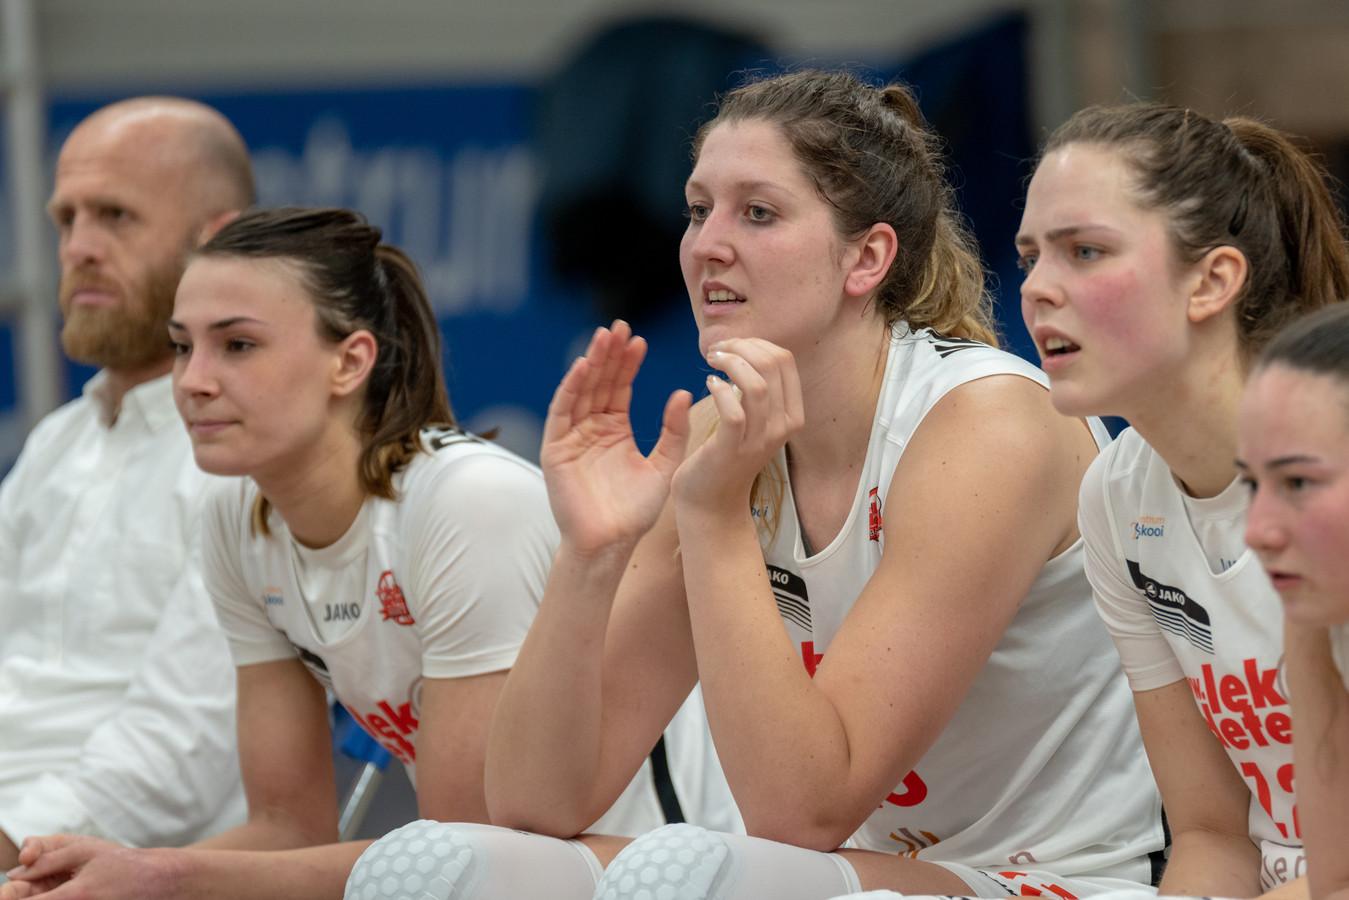 Lisanne de Jonge, Richelle van der Keijl en Katoo Koenen. tijdens Lekdetec Batouwe-Martine Sparks.  De Bemmelse basketbalsters wonnen eenvoudig, maar  zijn zo goed als kansloos voor een plek in de play-offs.